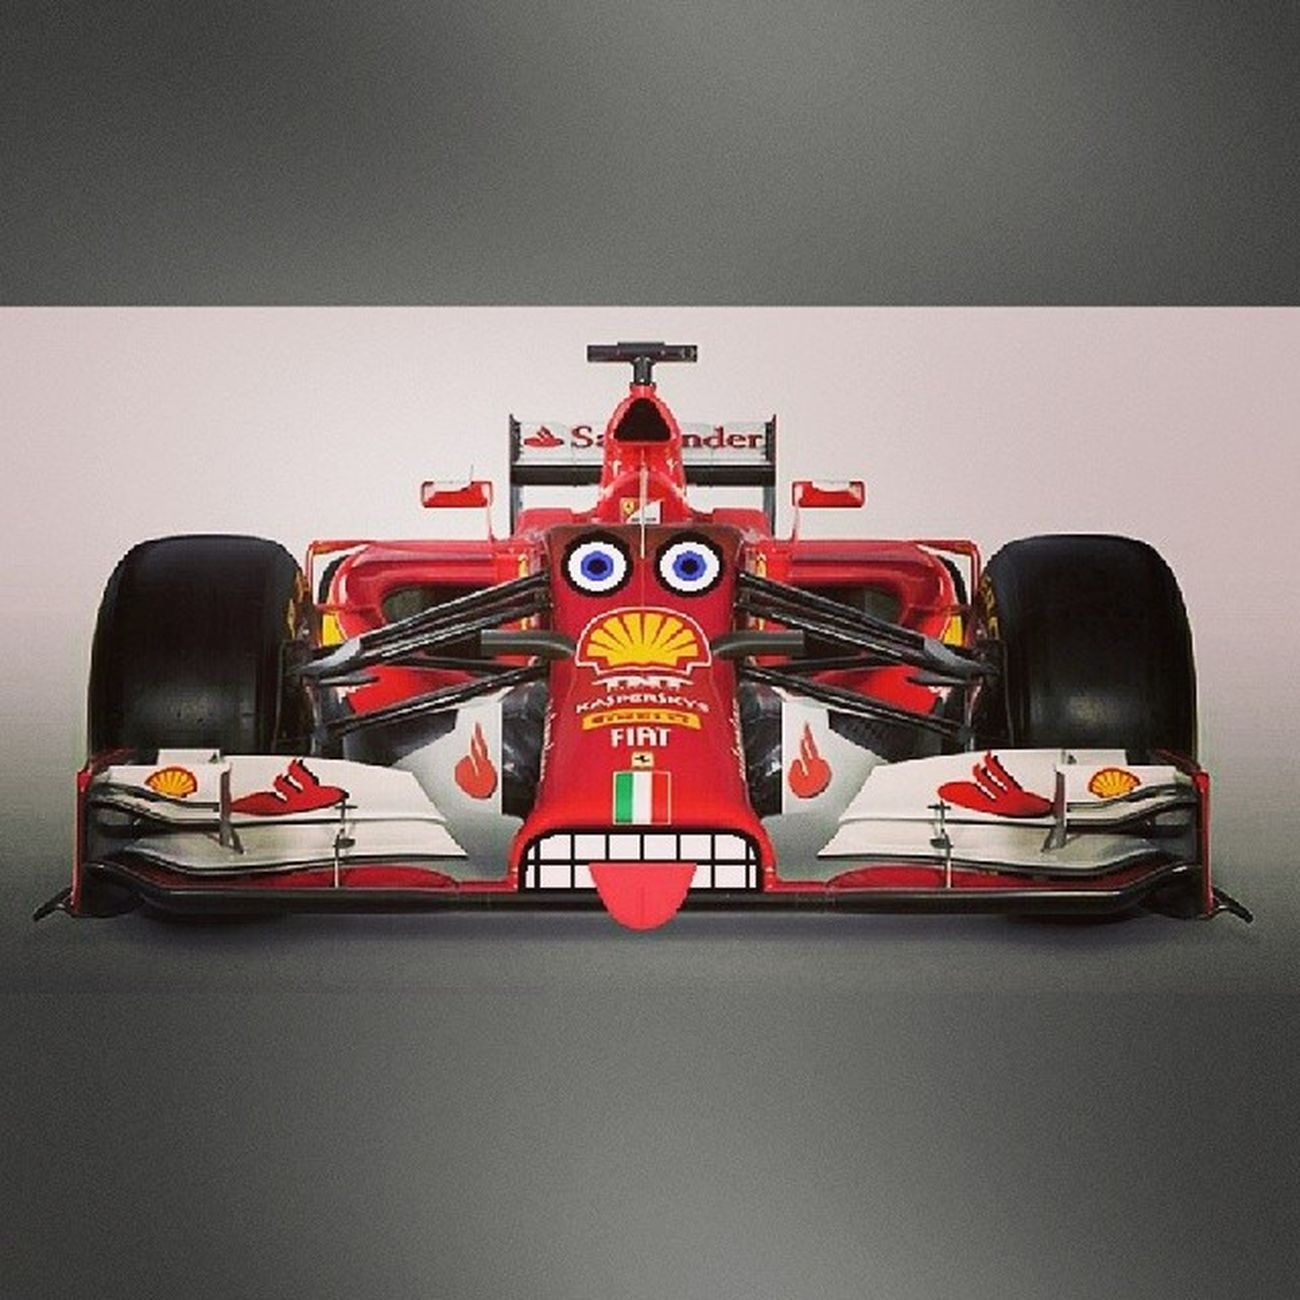 Scuderia Ferrari F14t Fiat Formula1 такой странный болид в 2014